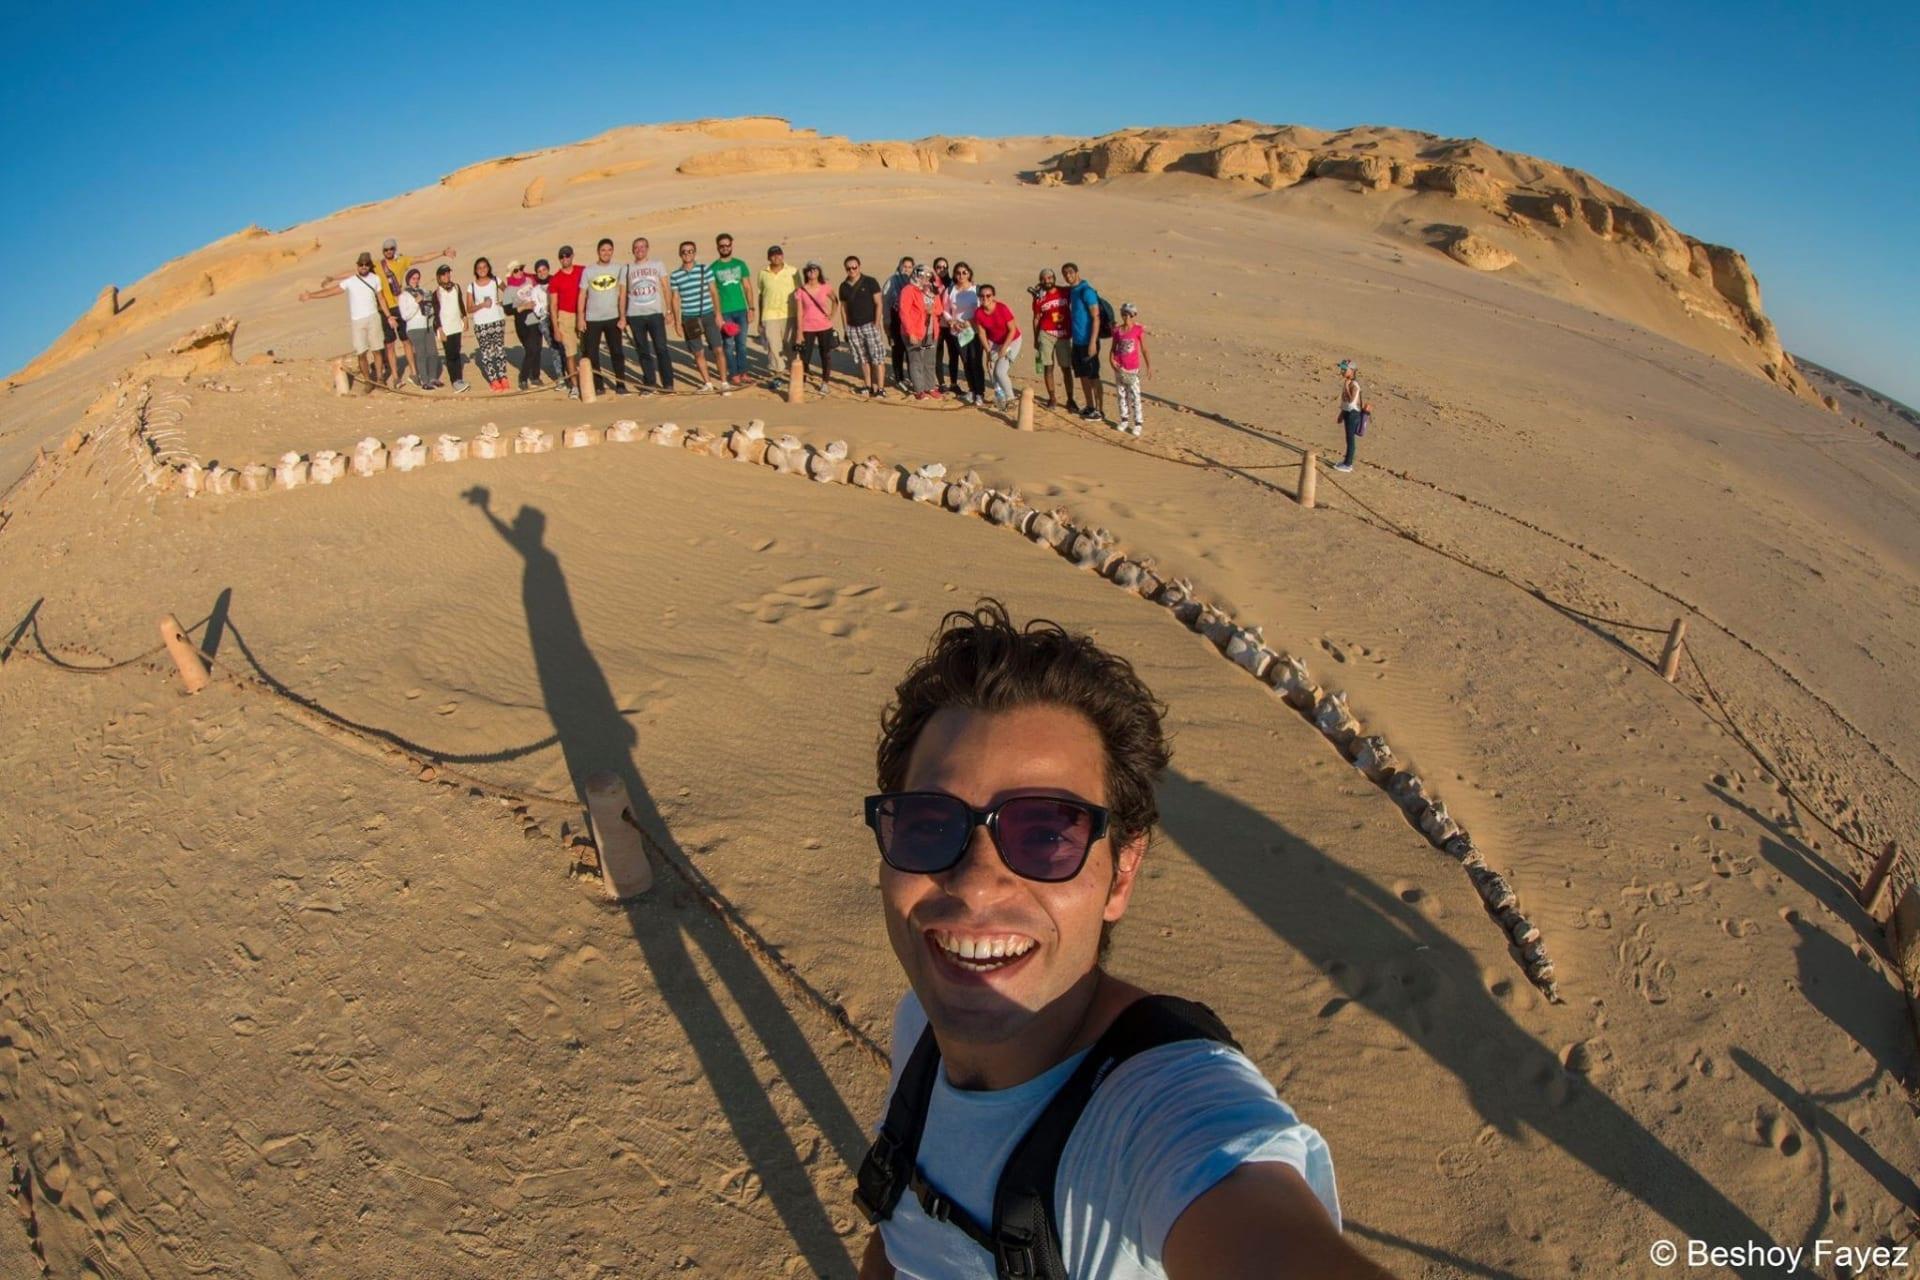 وادي الحيتان بالفيوم في مصر